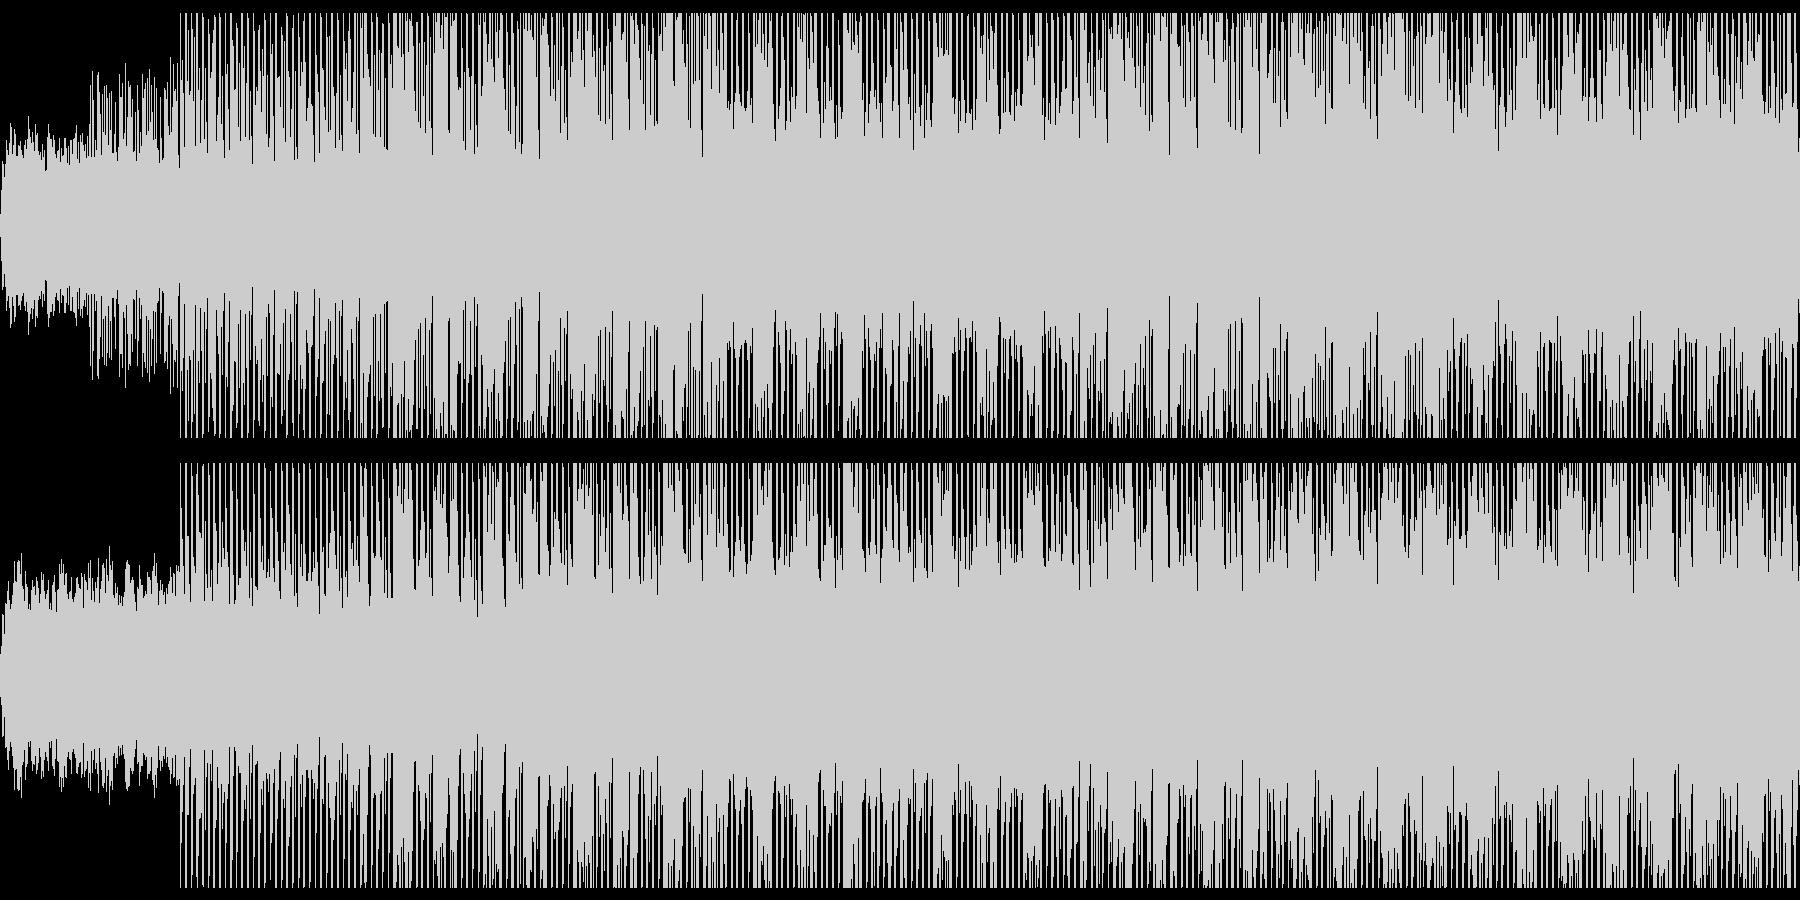 シンキングタイム(Loop対応)の未再生の波形